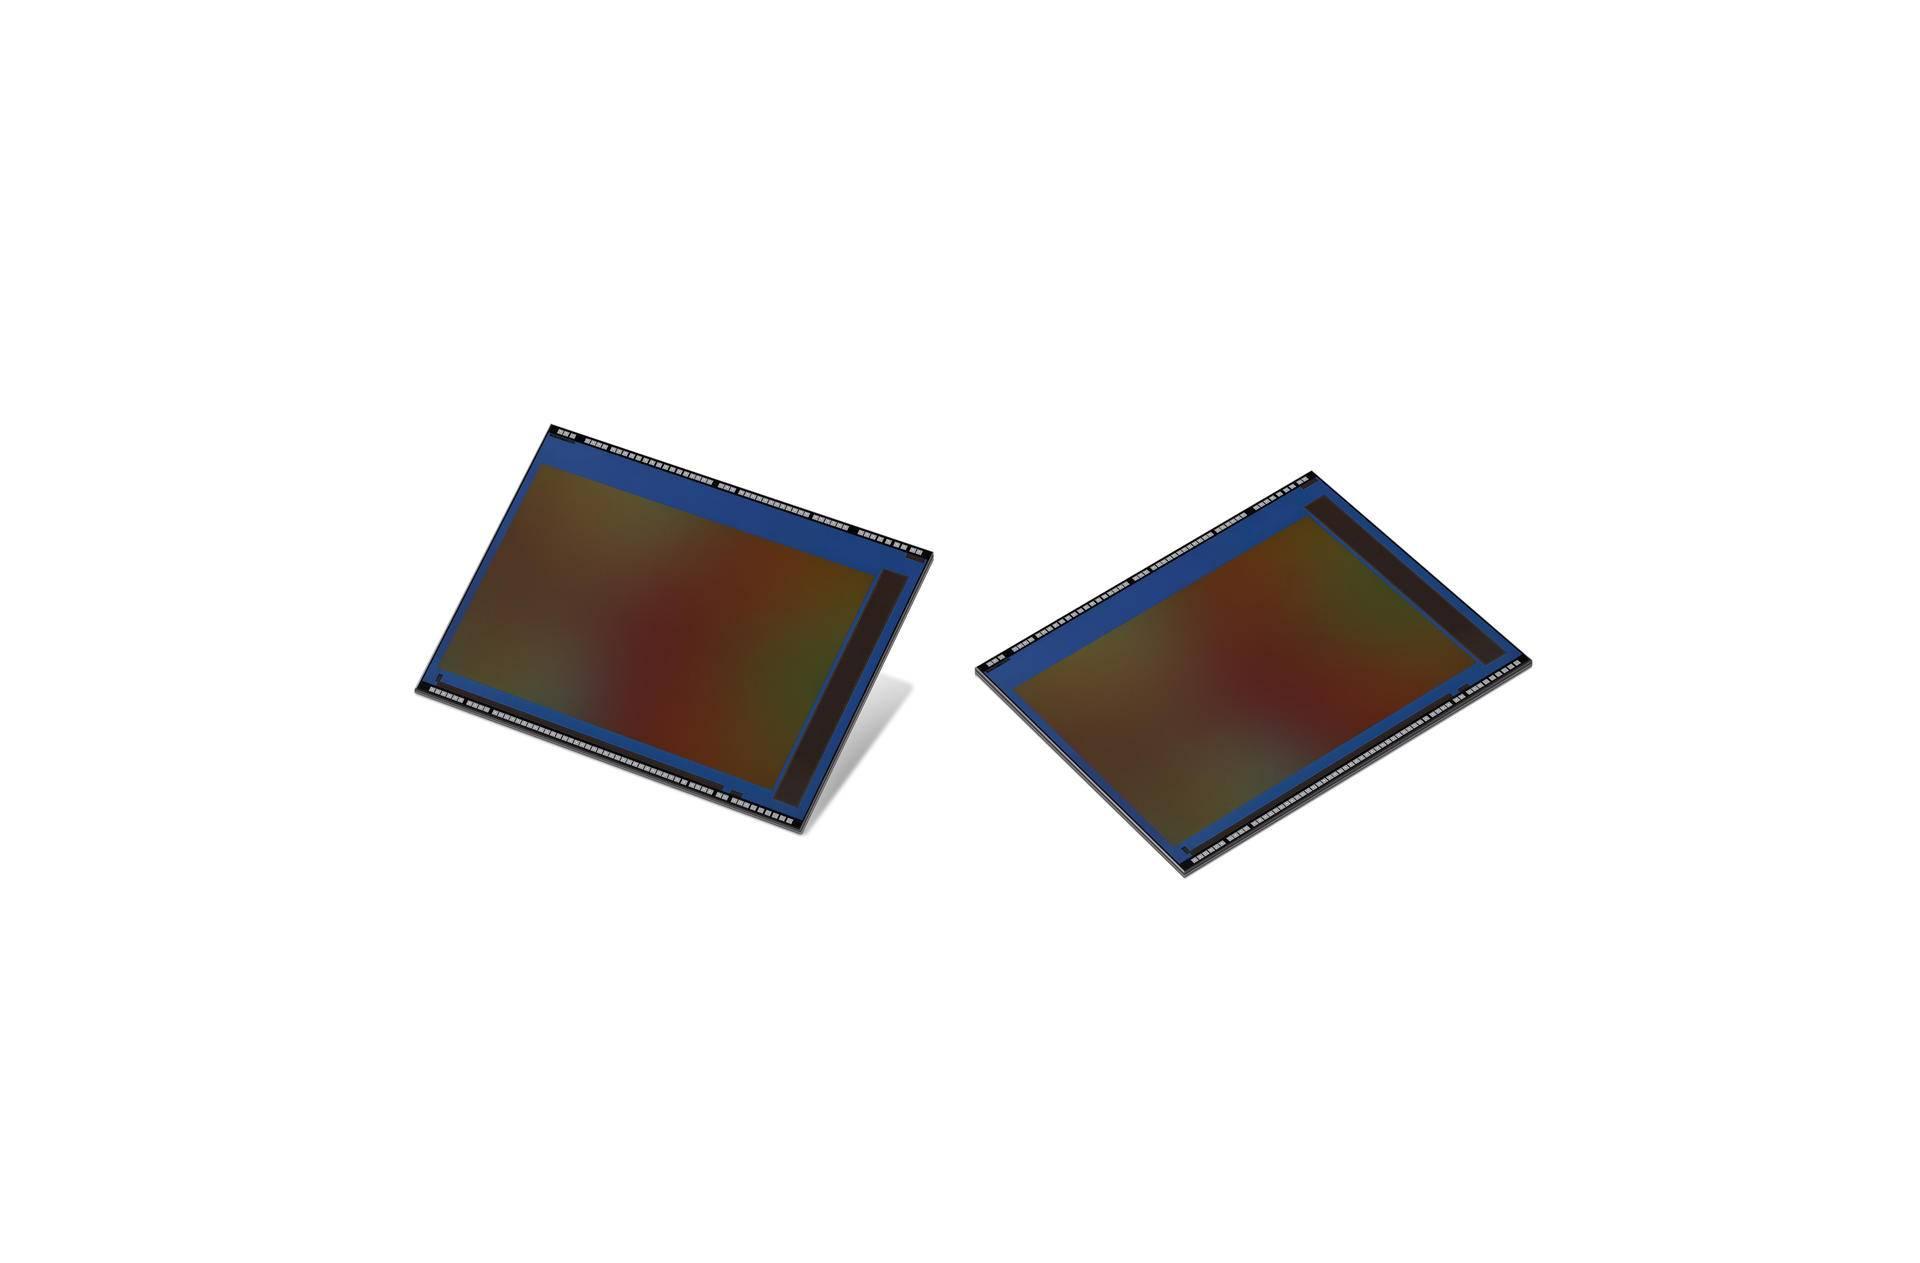 三星推出首款0.7μm像素尺寸传感器 体积更小更适合轻薄手机设计